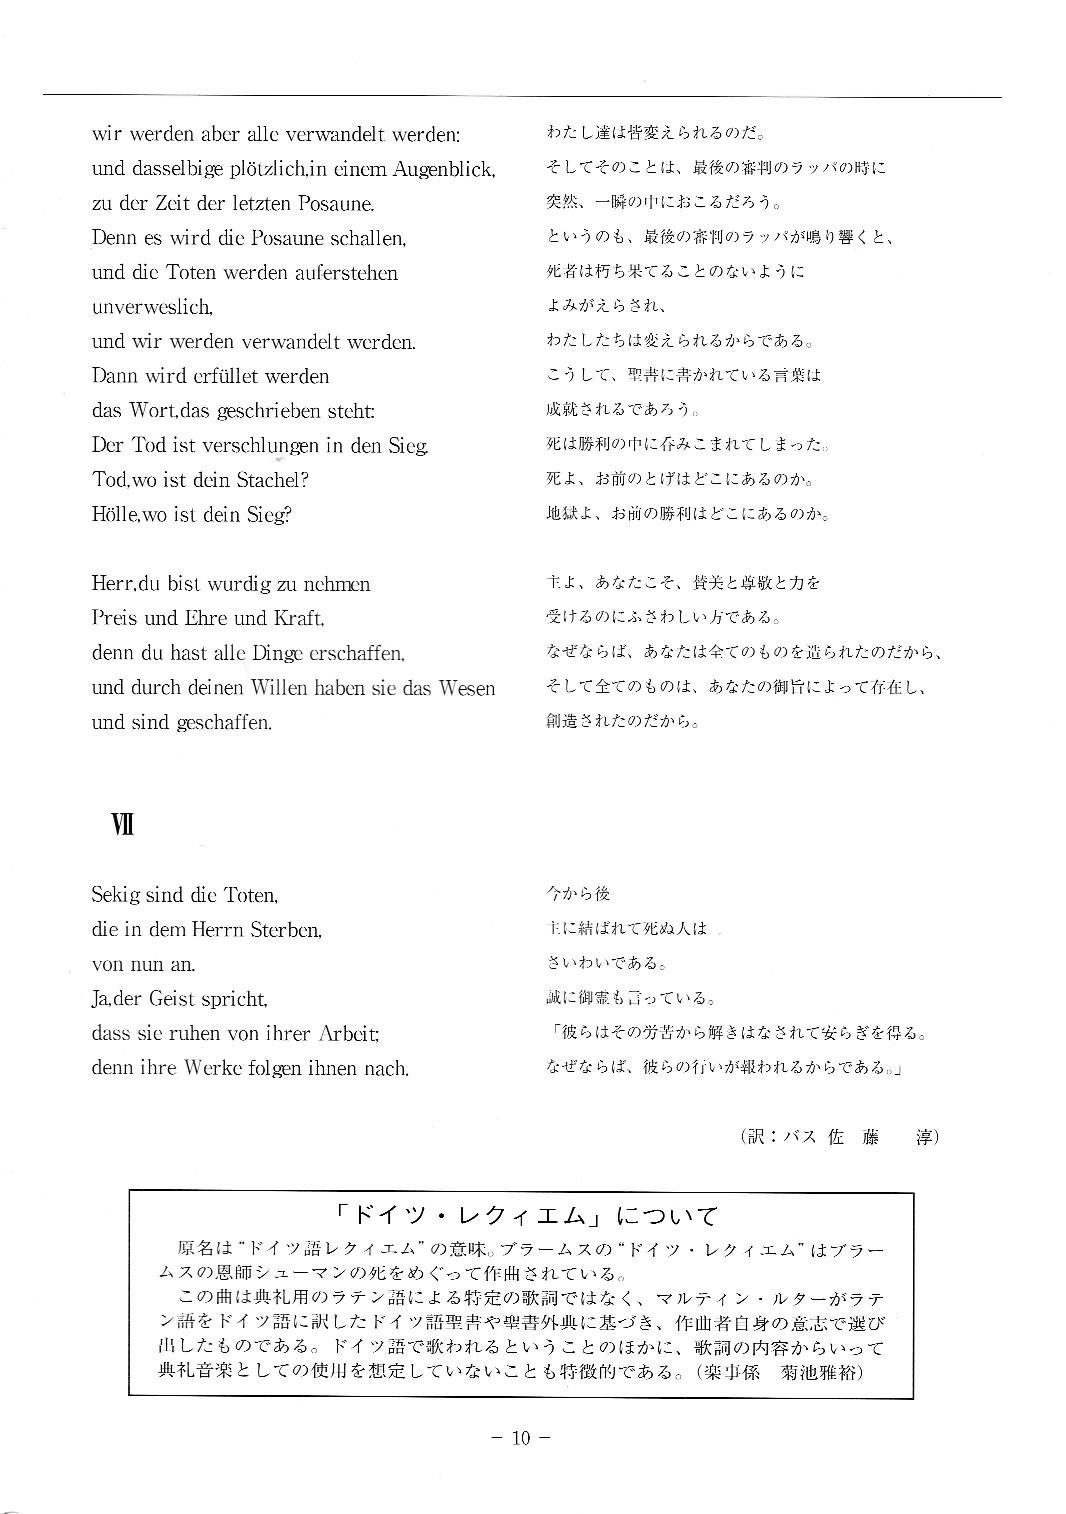 創立40周年記念演奏会_c0125004_19171901.jpg